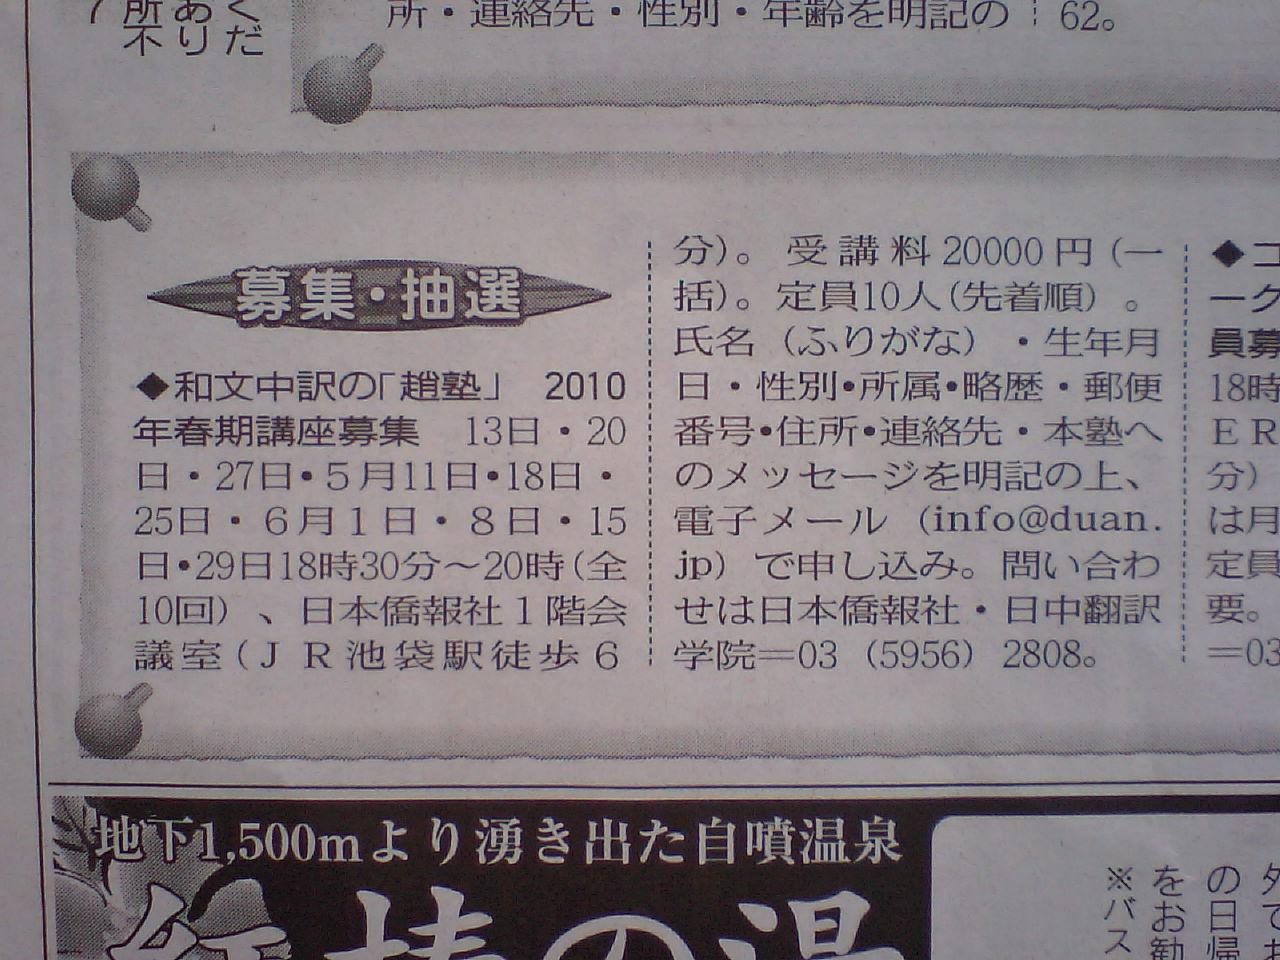 8日の東京新聞に和文中訳の案内掲載_d0027795_12283016.jpg